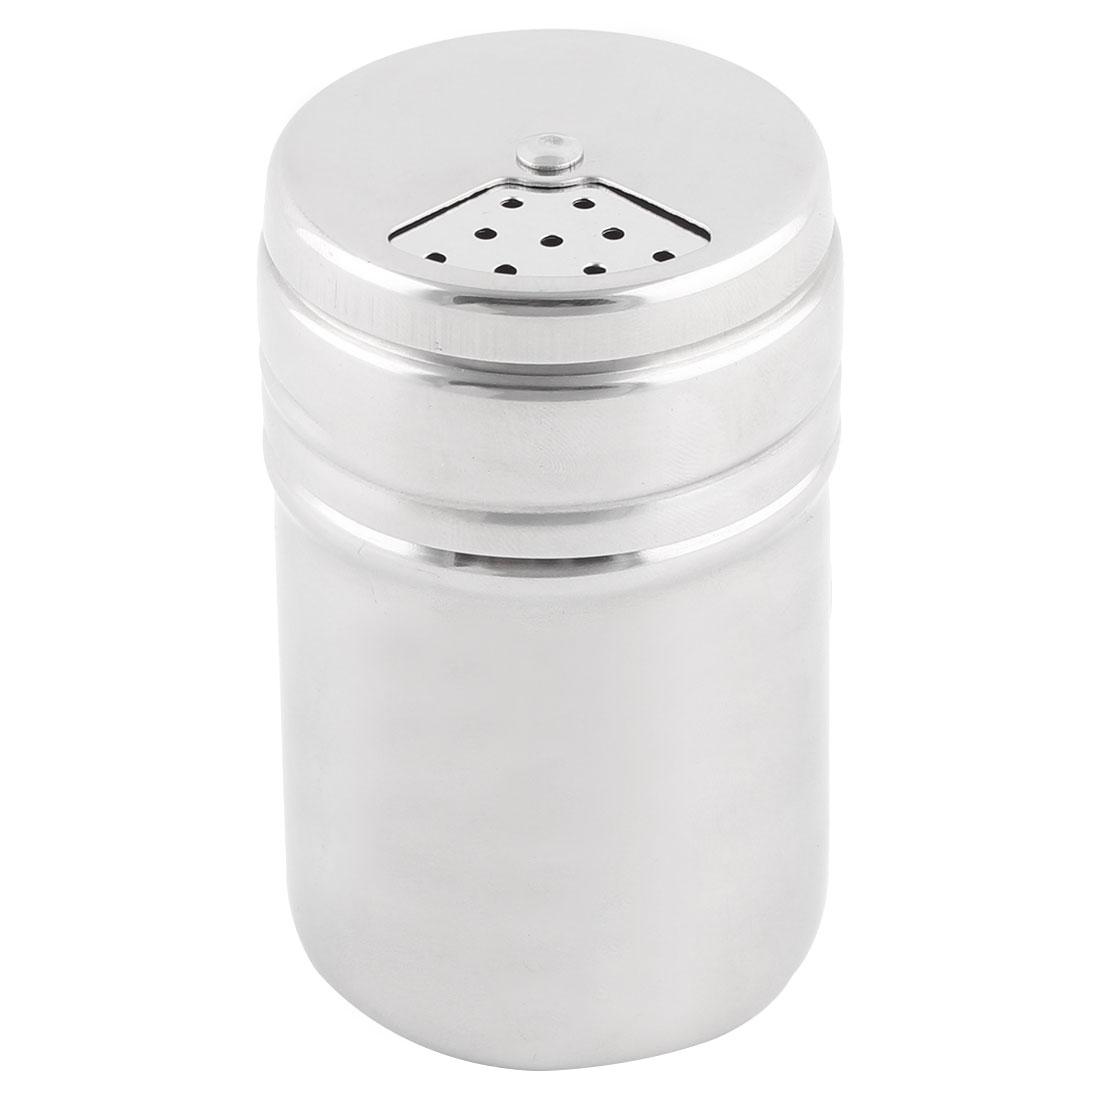 Kitchenware Stainless Steel Spice Salt Pepper Shaker Condiment Cruet Bottle 3.2 Inch High